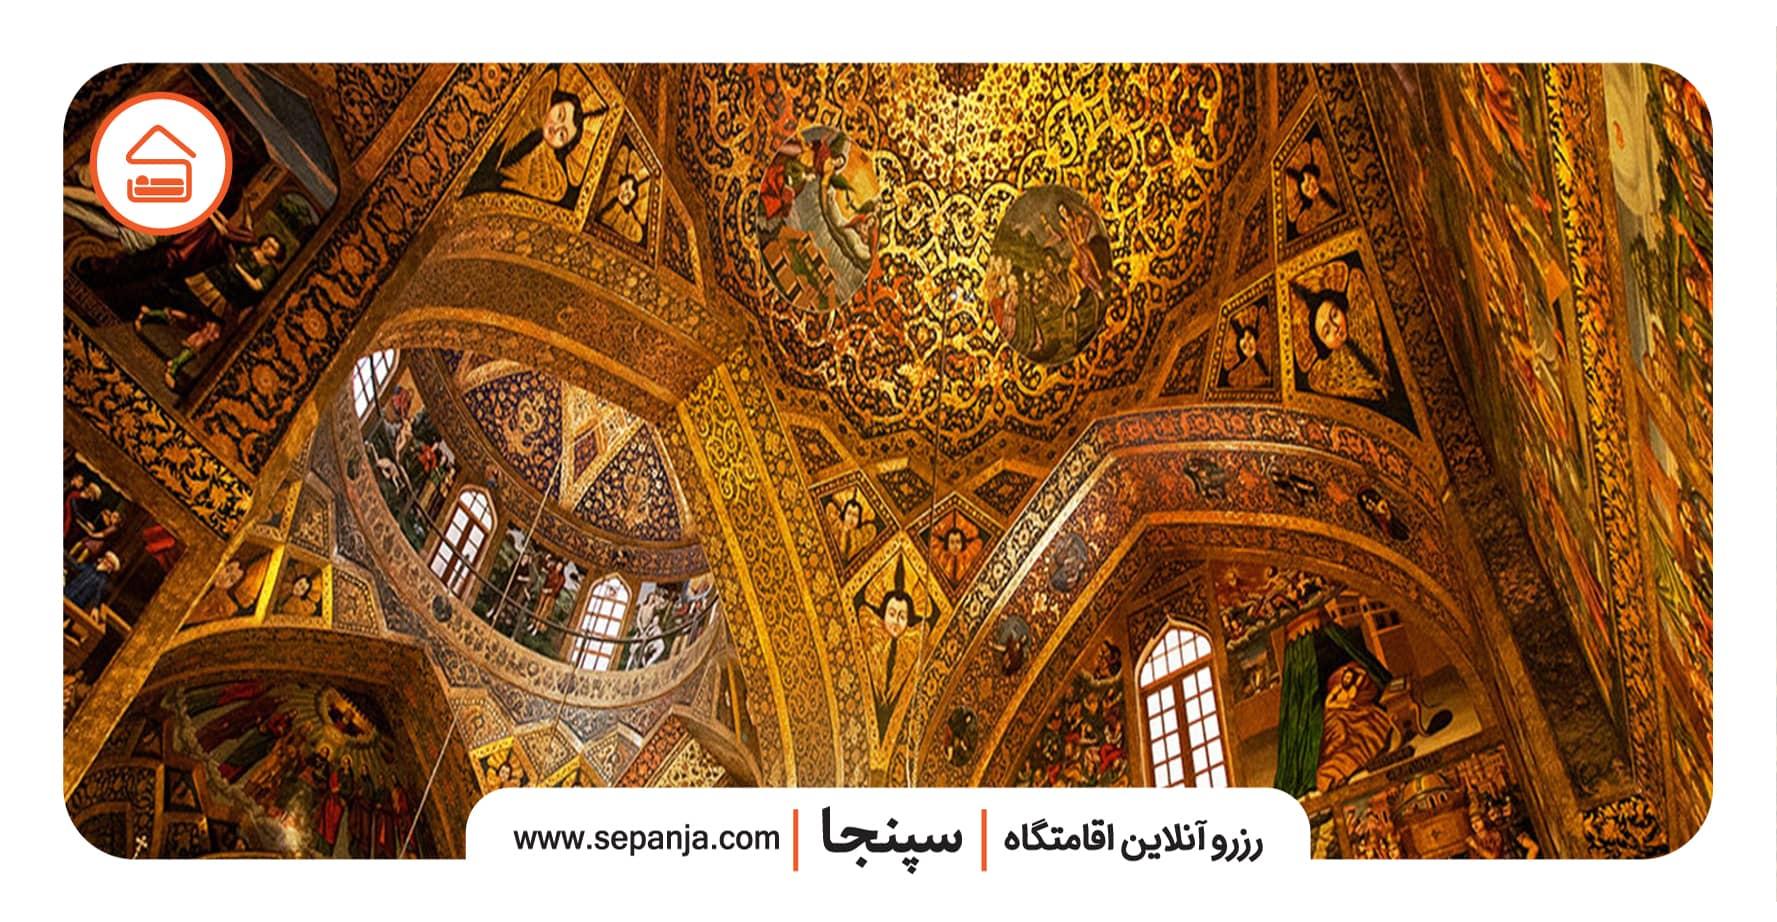 نمایی از تزئینات کلیسای وانک اصفهان